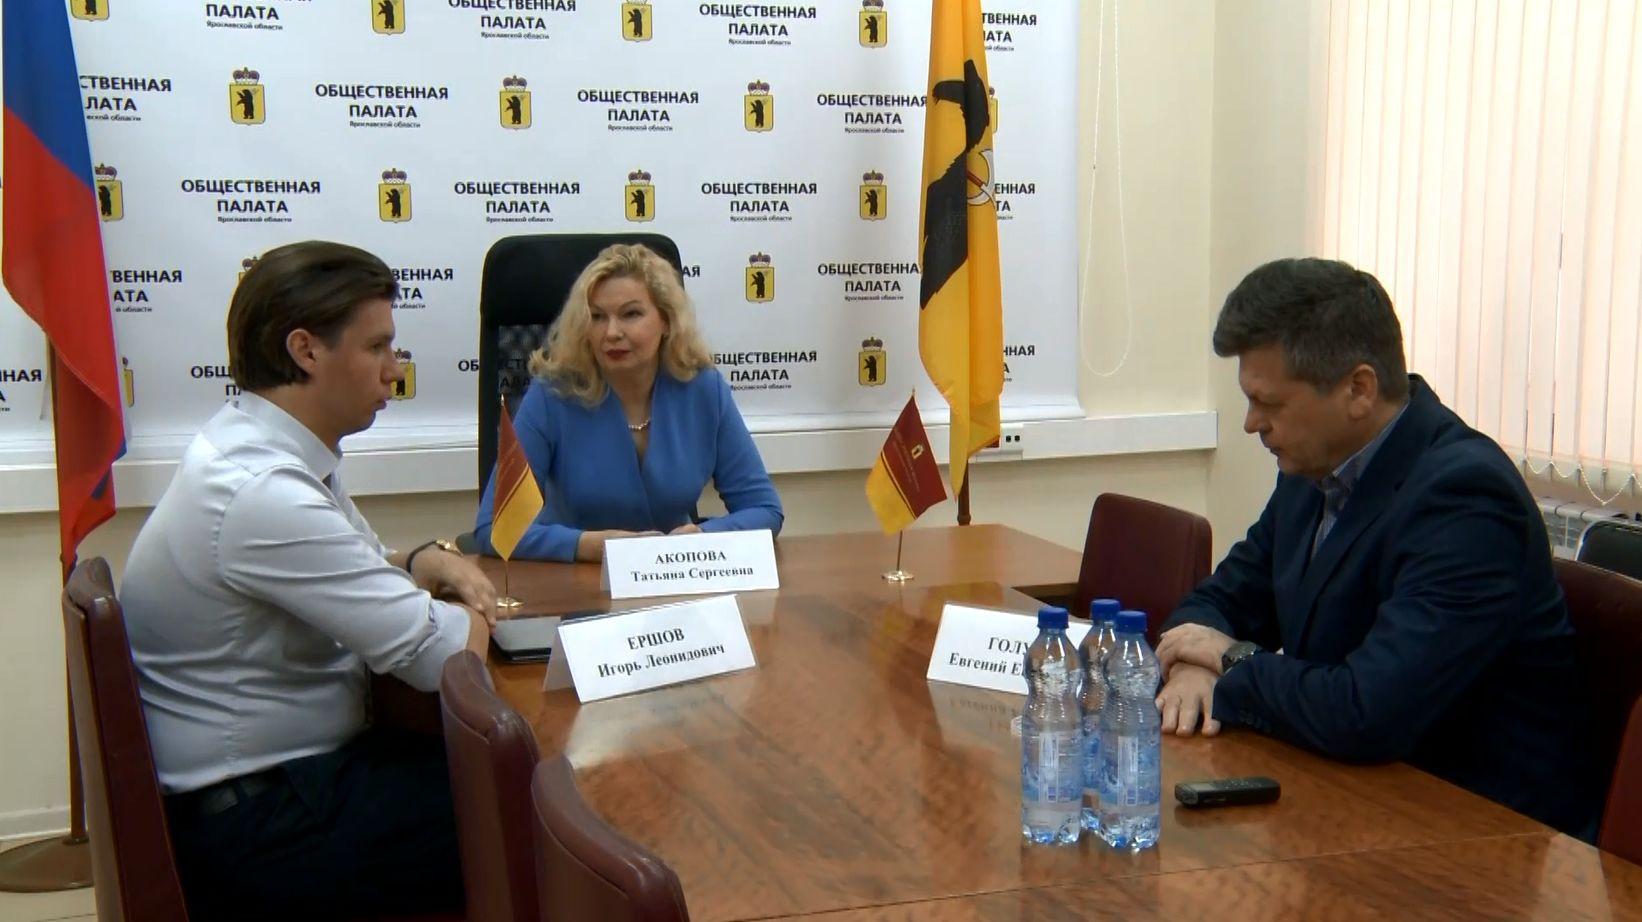 Эксперты общественного штаба по наблюдению за выборами оценили ход завершающей стадии избирательной кампании и дали свои прогнозы расклада в будущей Госдуме